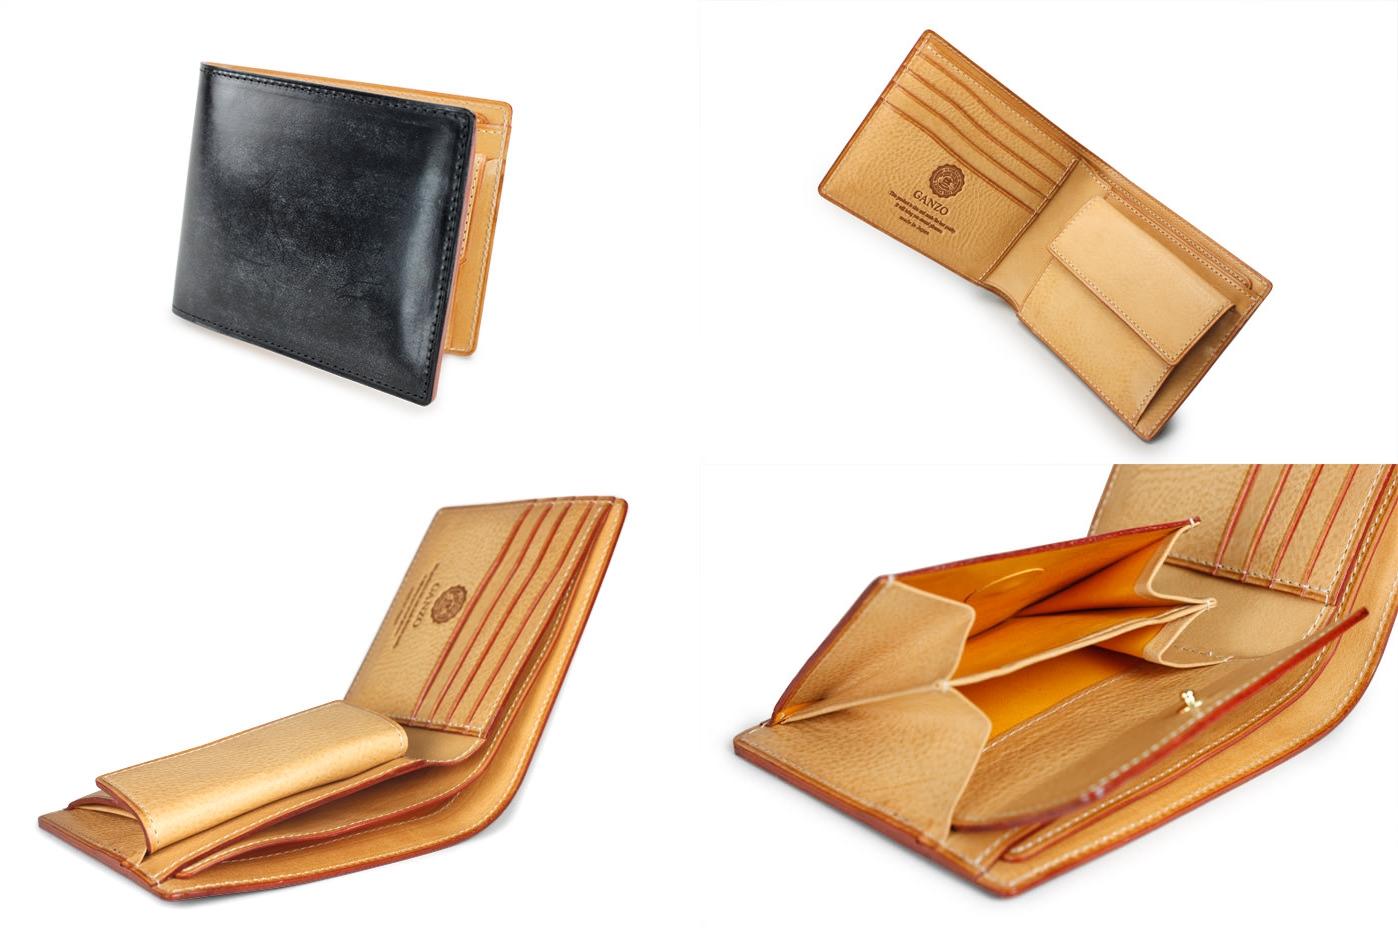 GANZO ガンゾ THIN BRIDLE(シンブライドル) 小銭入れ付き二つ折り財布 デザイン